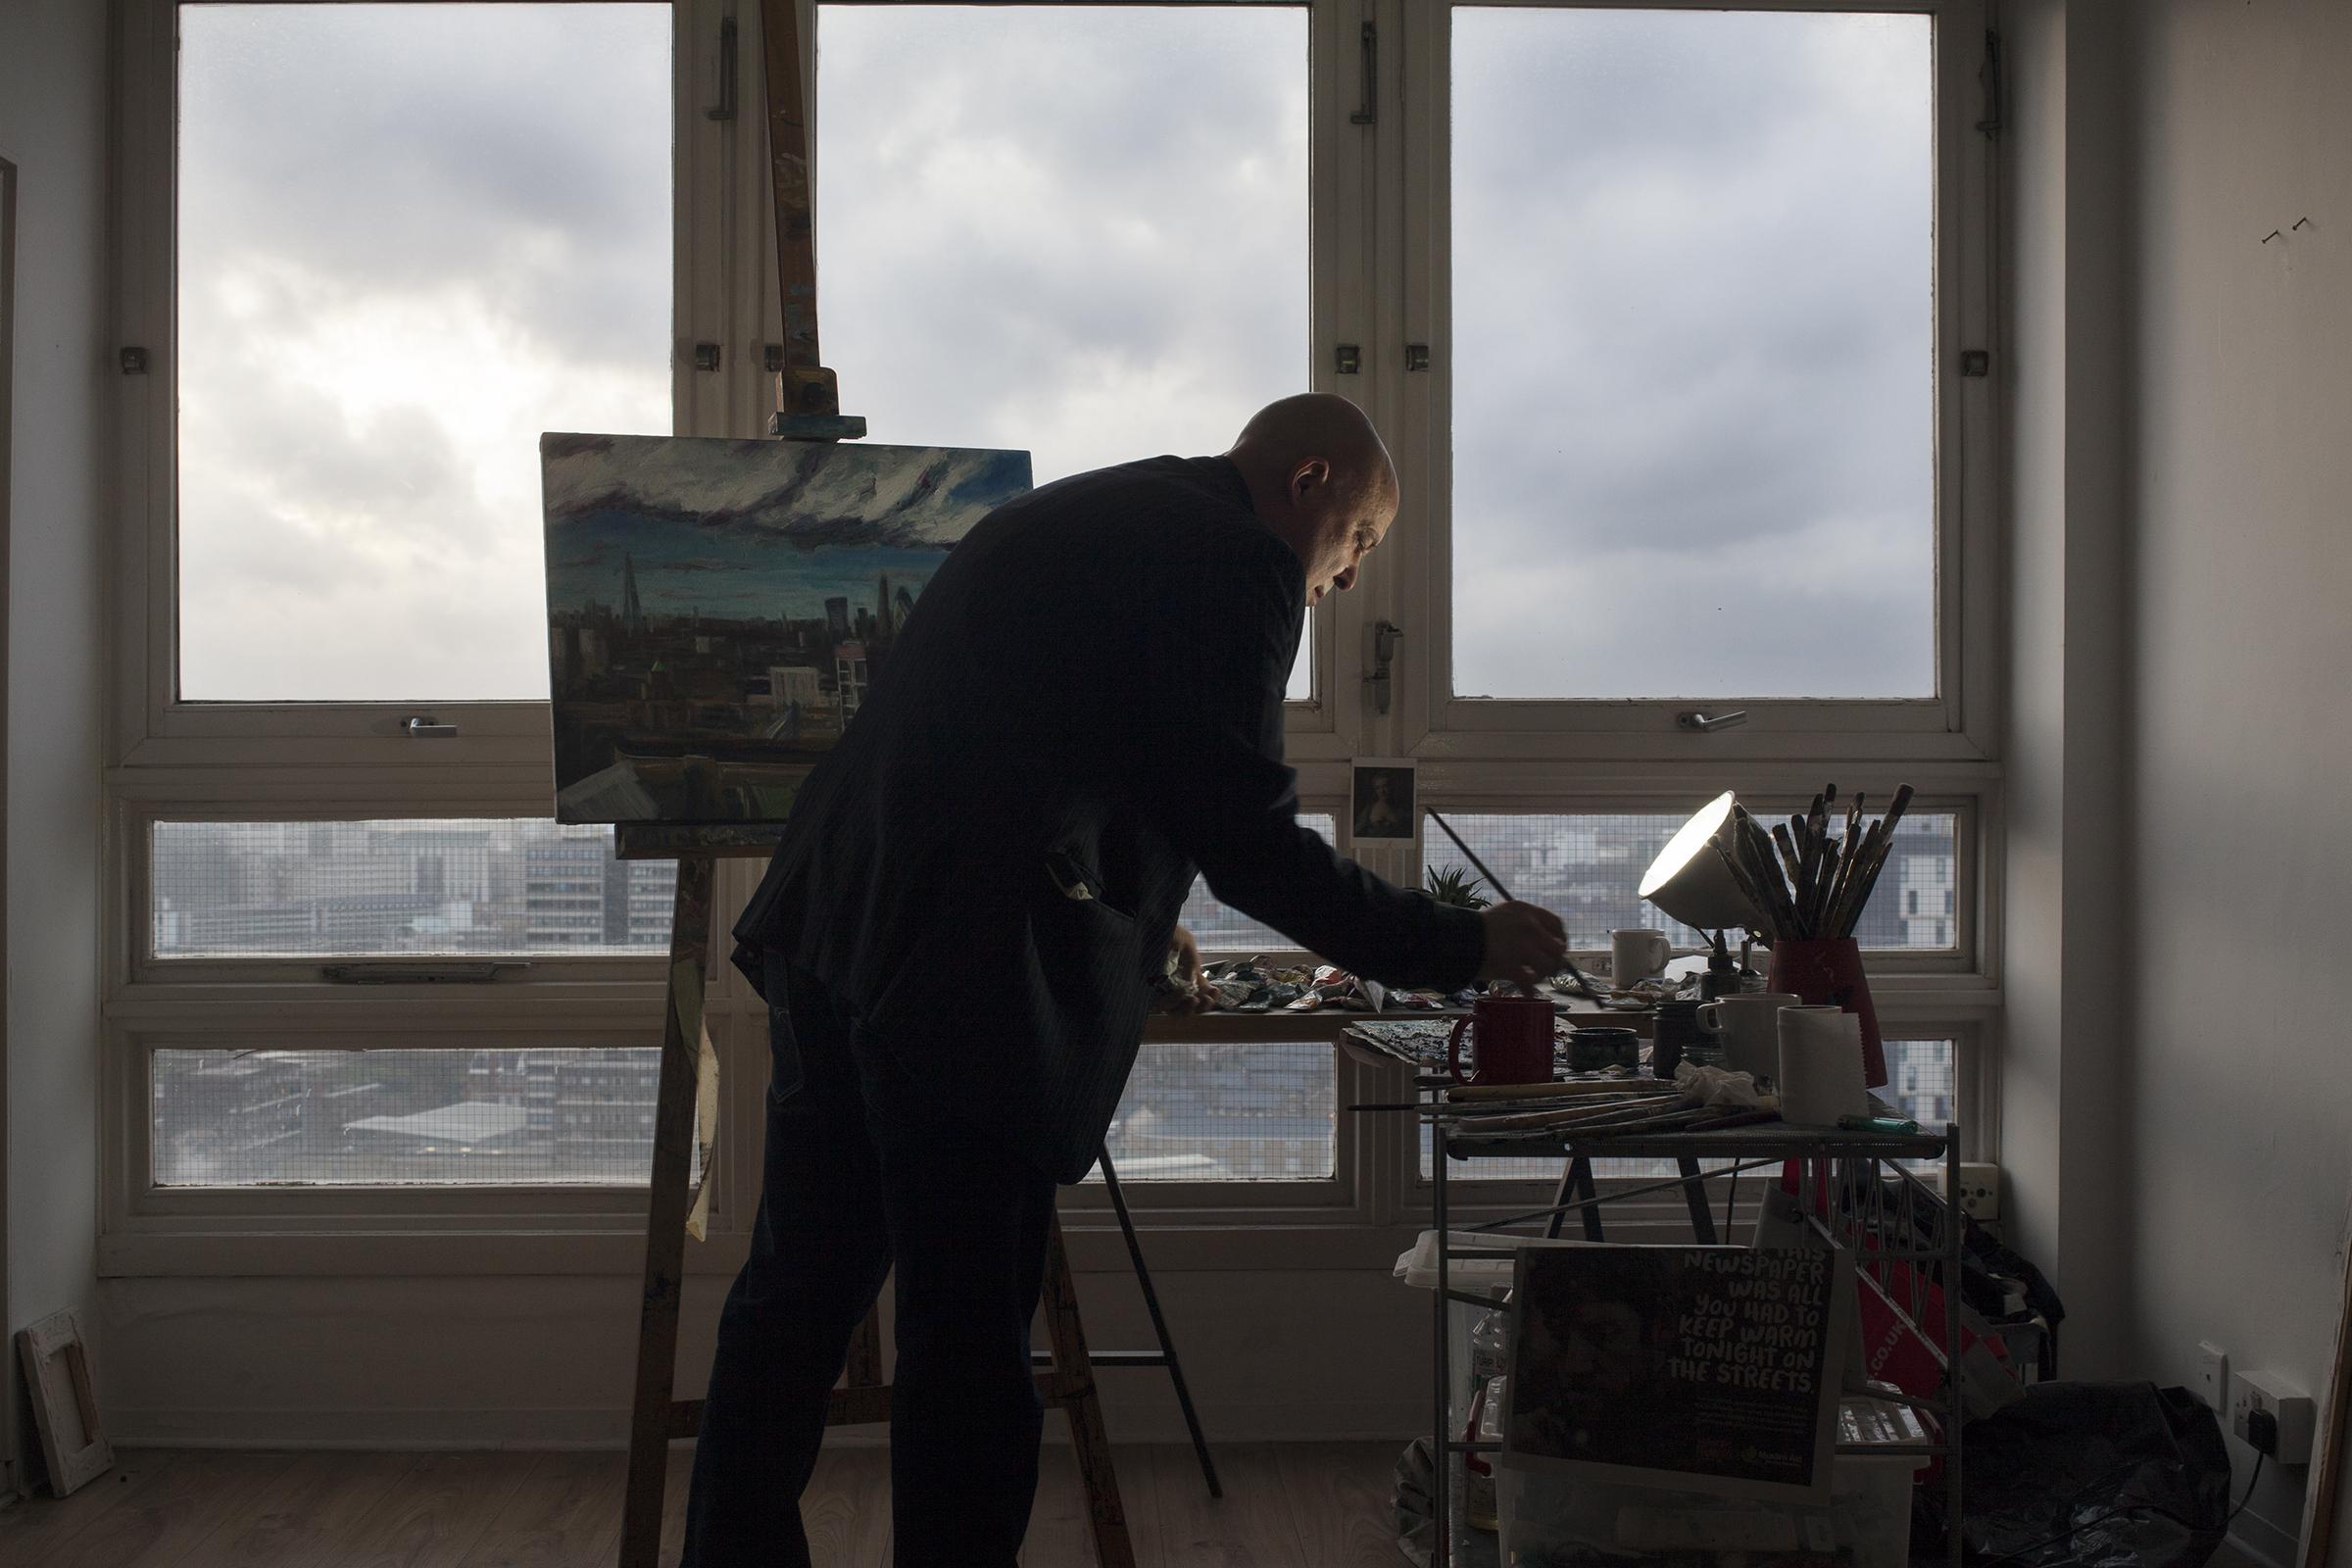 Paul Sakoilsky 2016, Balfron Tower